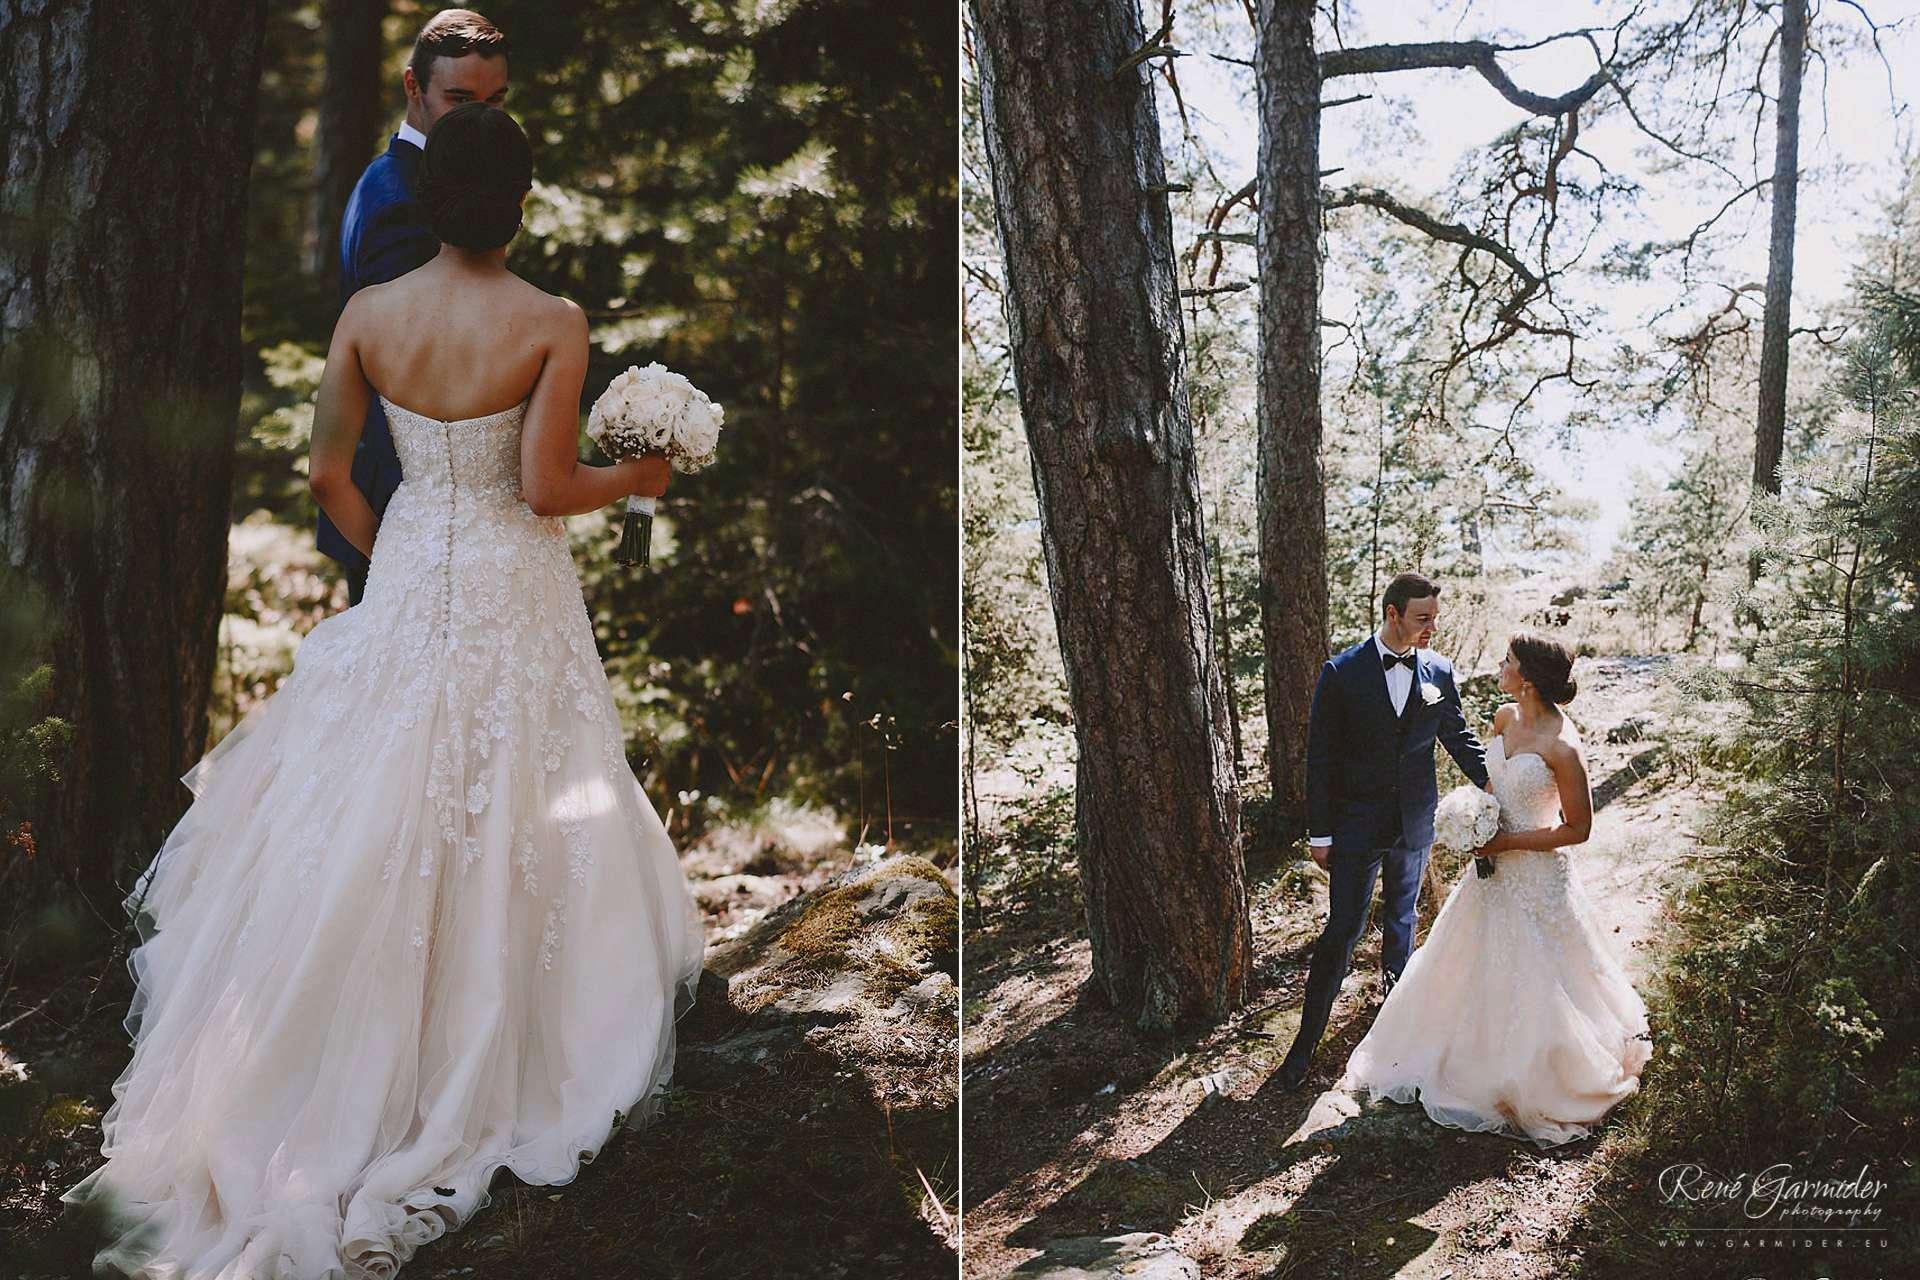 destination-wedding-photography-finland-miljookuvaus-haakuvaus-haakuvaaja-leena-juri-39